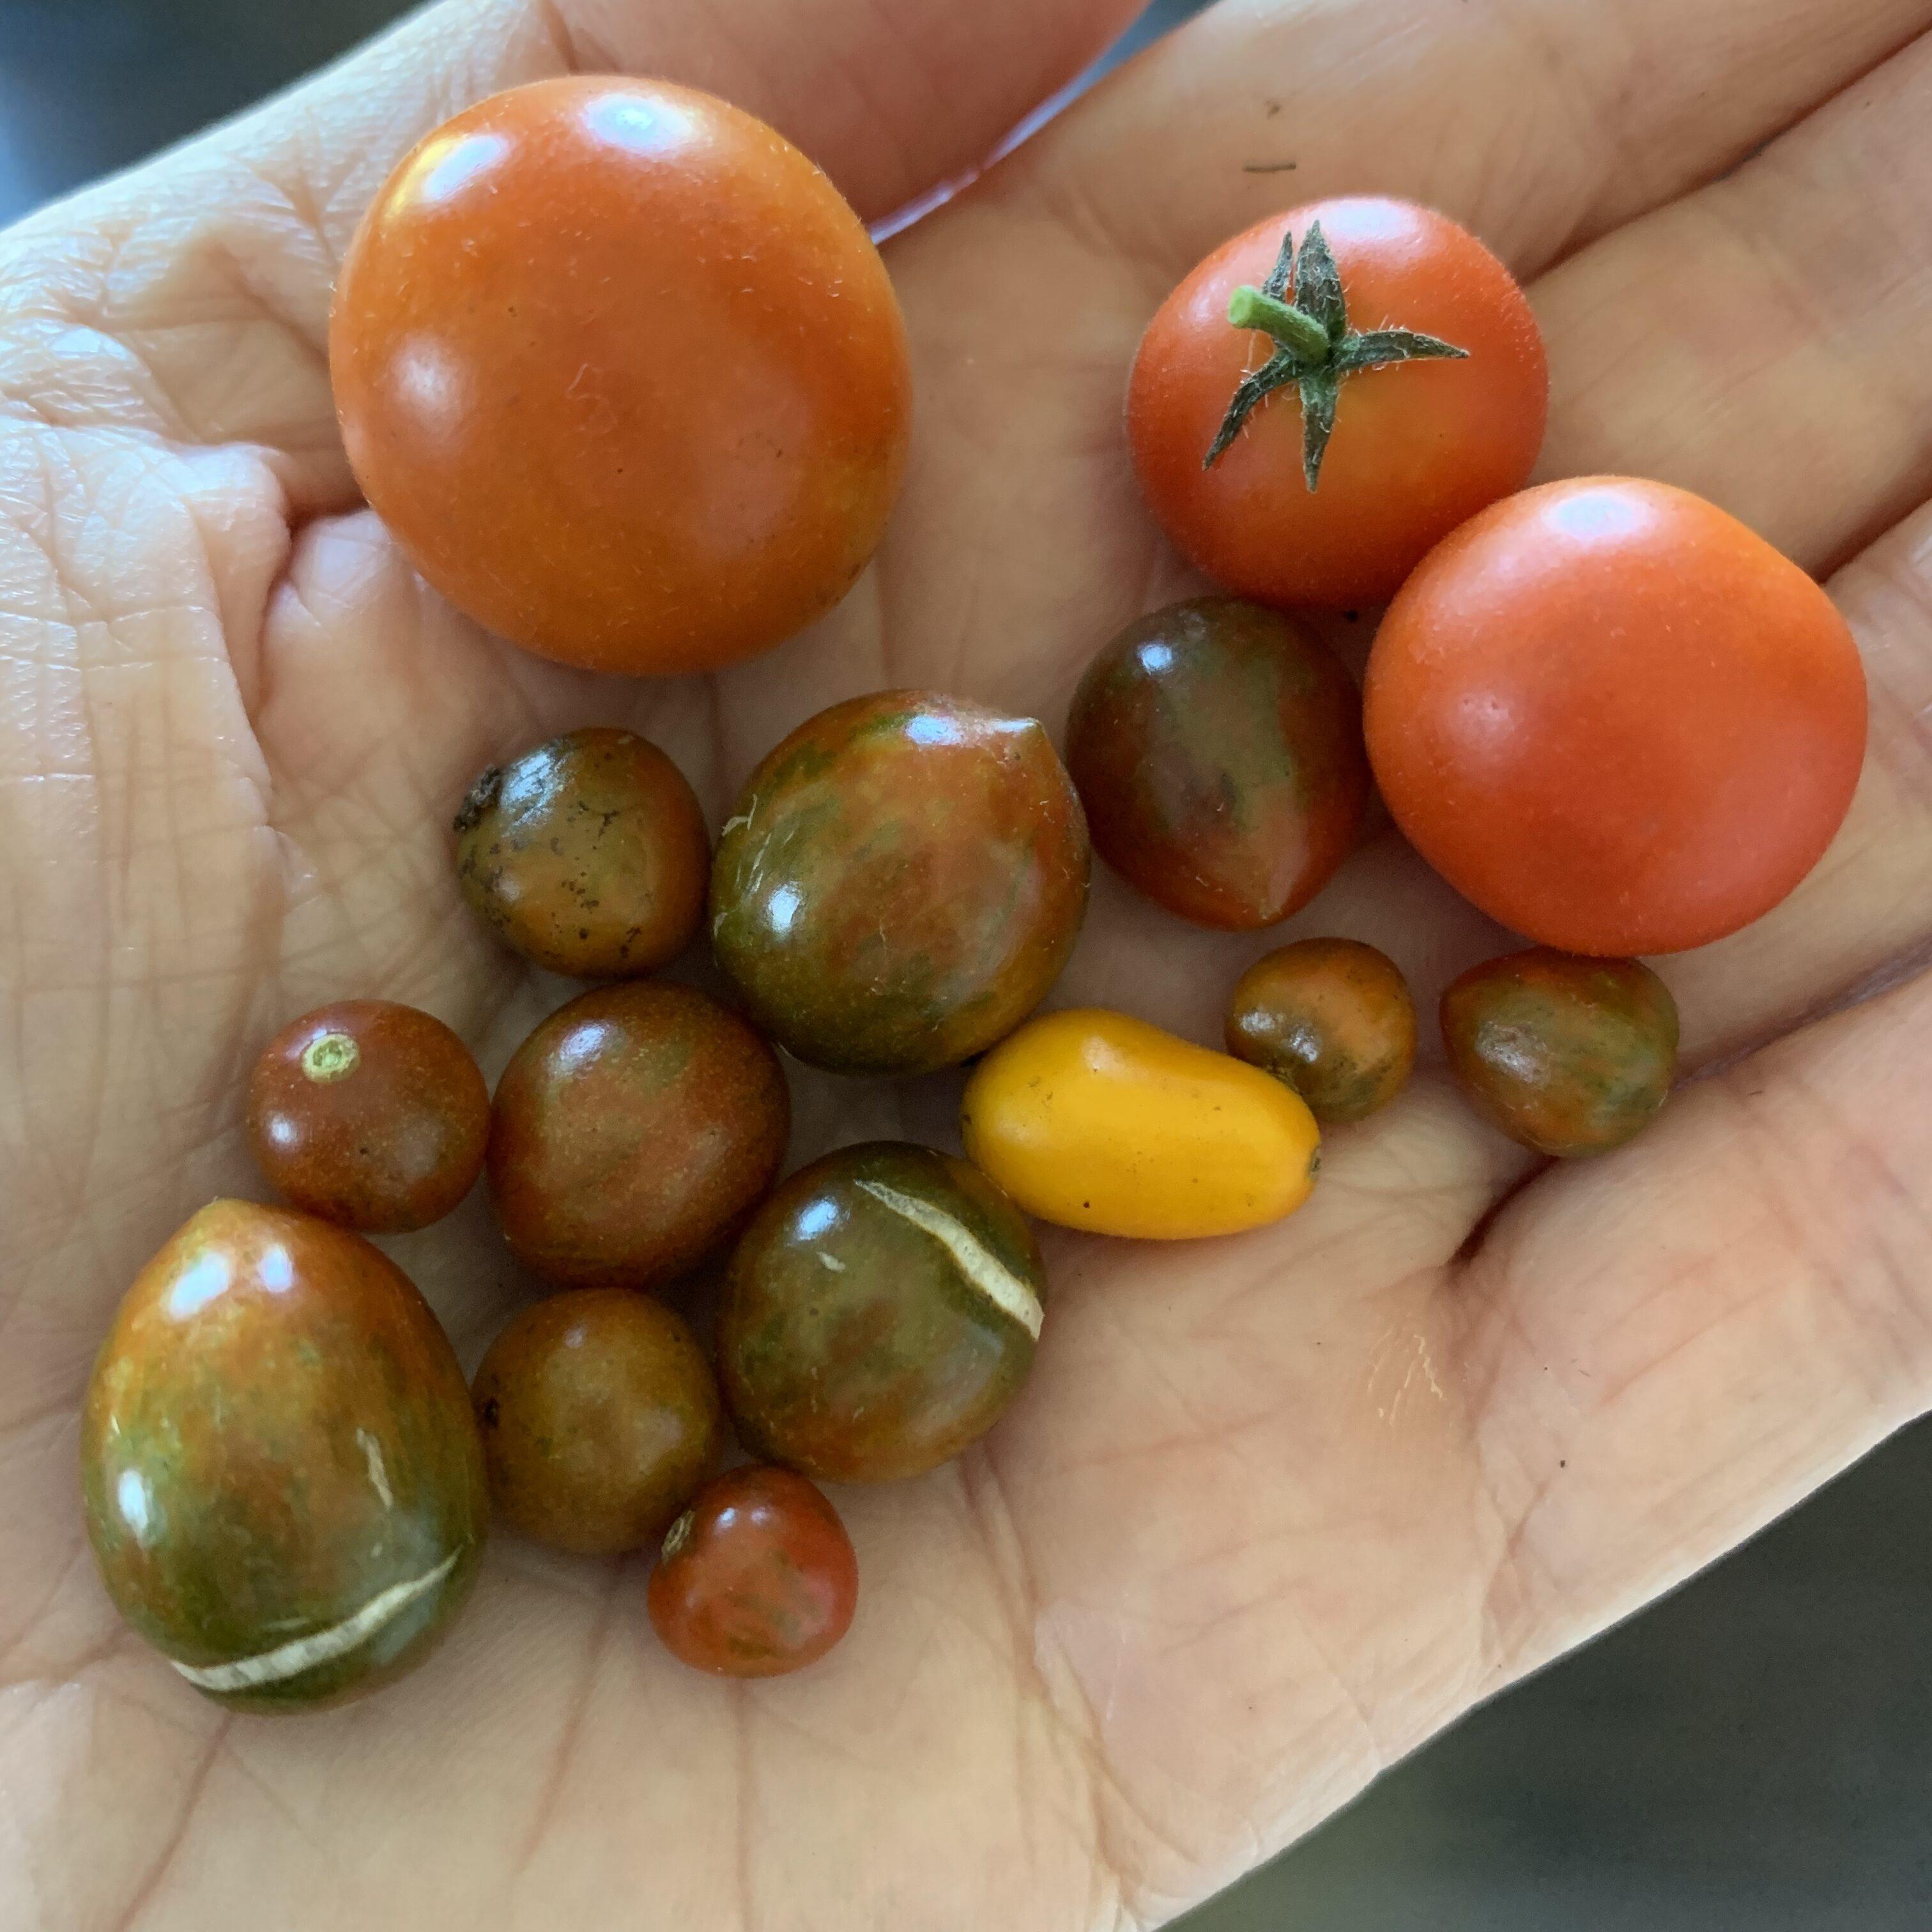 F8E6B614 A3E5 4BBF B604 882561421DB7 Teeny Tiny Tomatoes